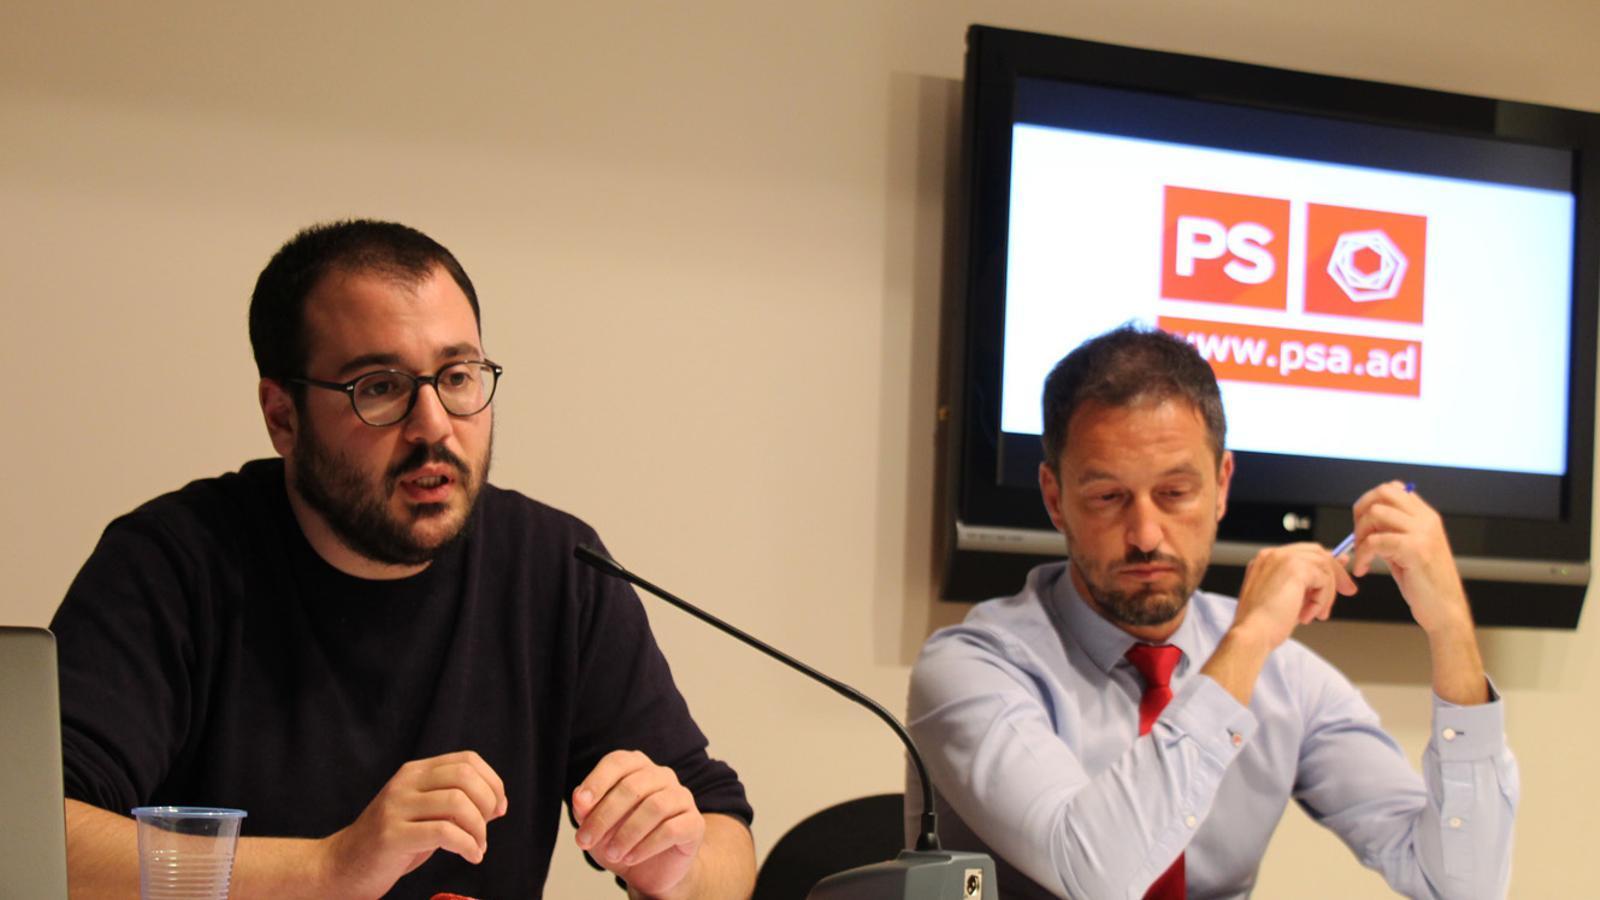 El secretari d'organització del PS, Carles Sánchez, i el president del partit, Pere López, en la compareixença d'aquest dilluns. / E. J. M.